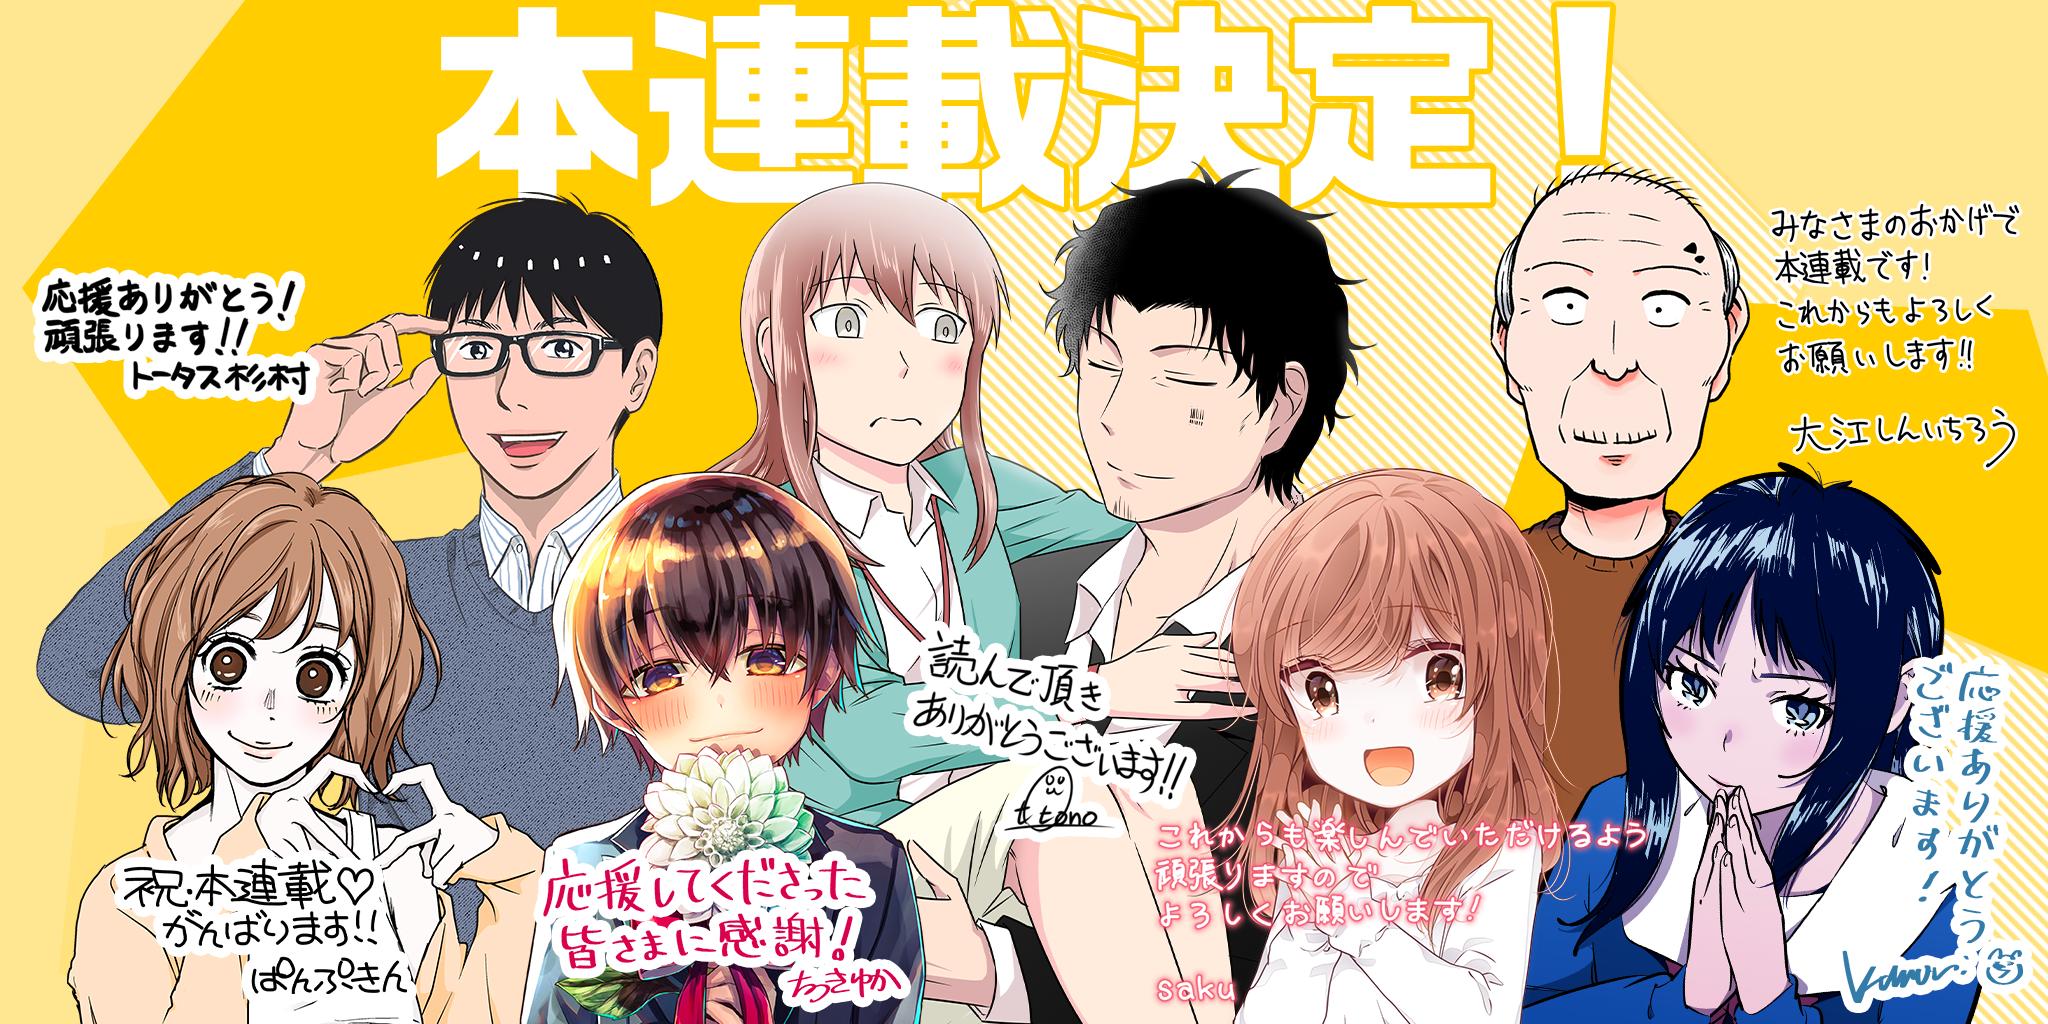 /stf/linecorp/ja/pr/main_manga.png